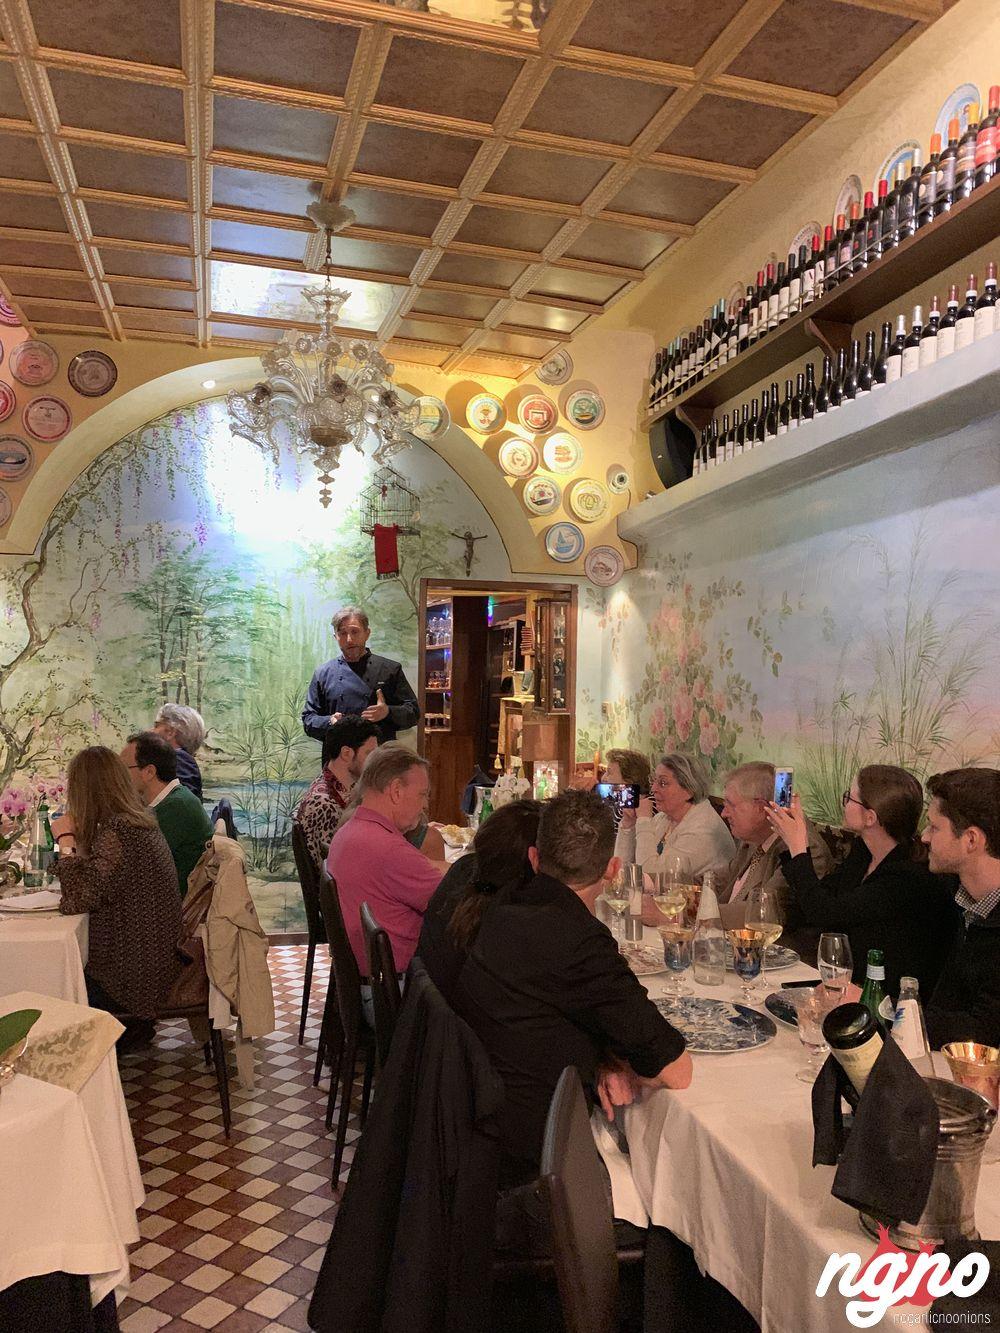 tre-marchetti-restaurant-nogarlicnoonions-292019-06-06-09-36-24